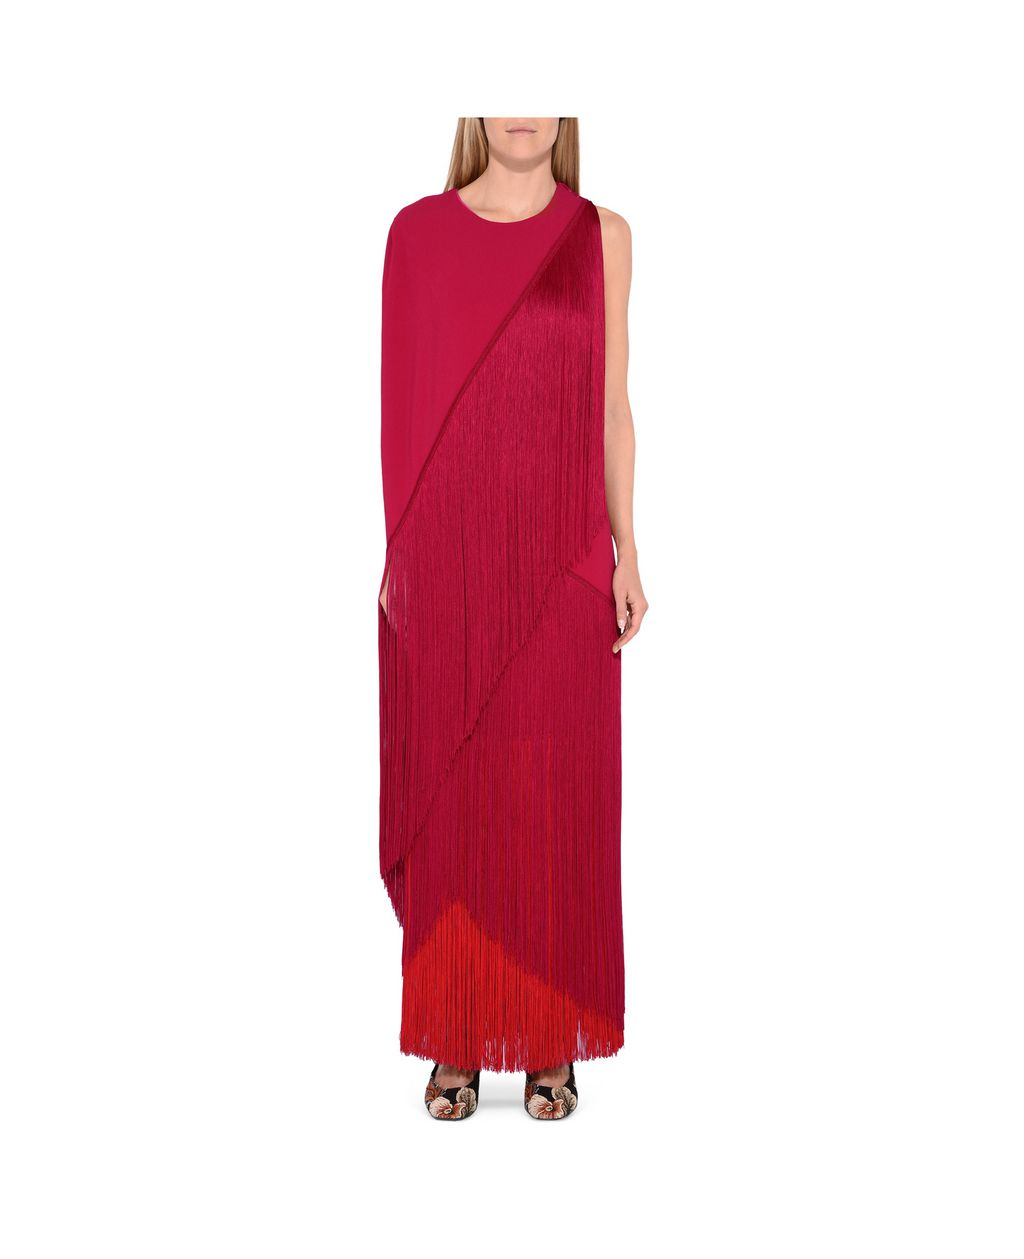 Joelle Fringe Dress - STELLA MCCARTNEY